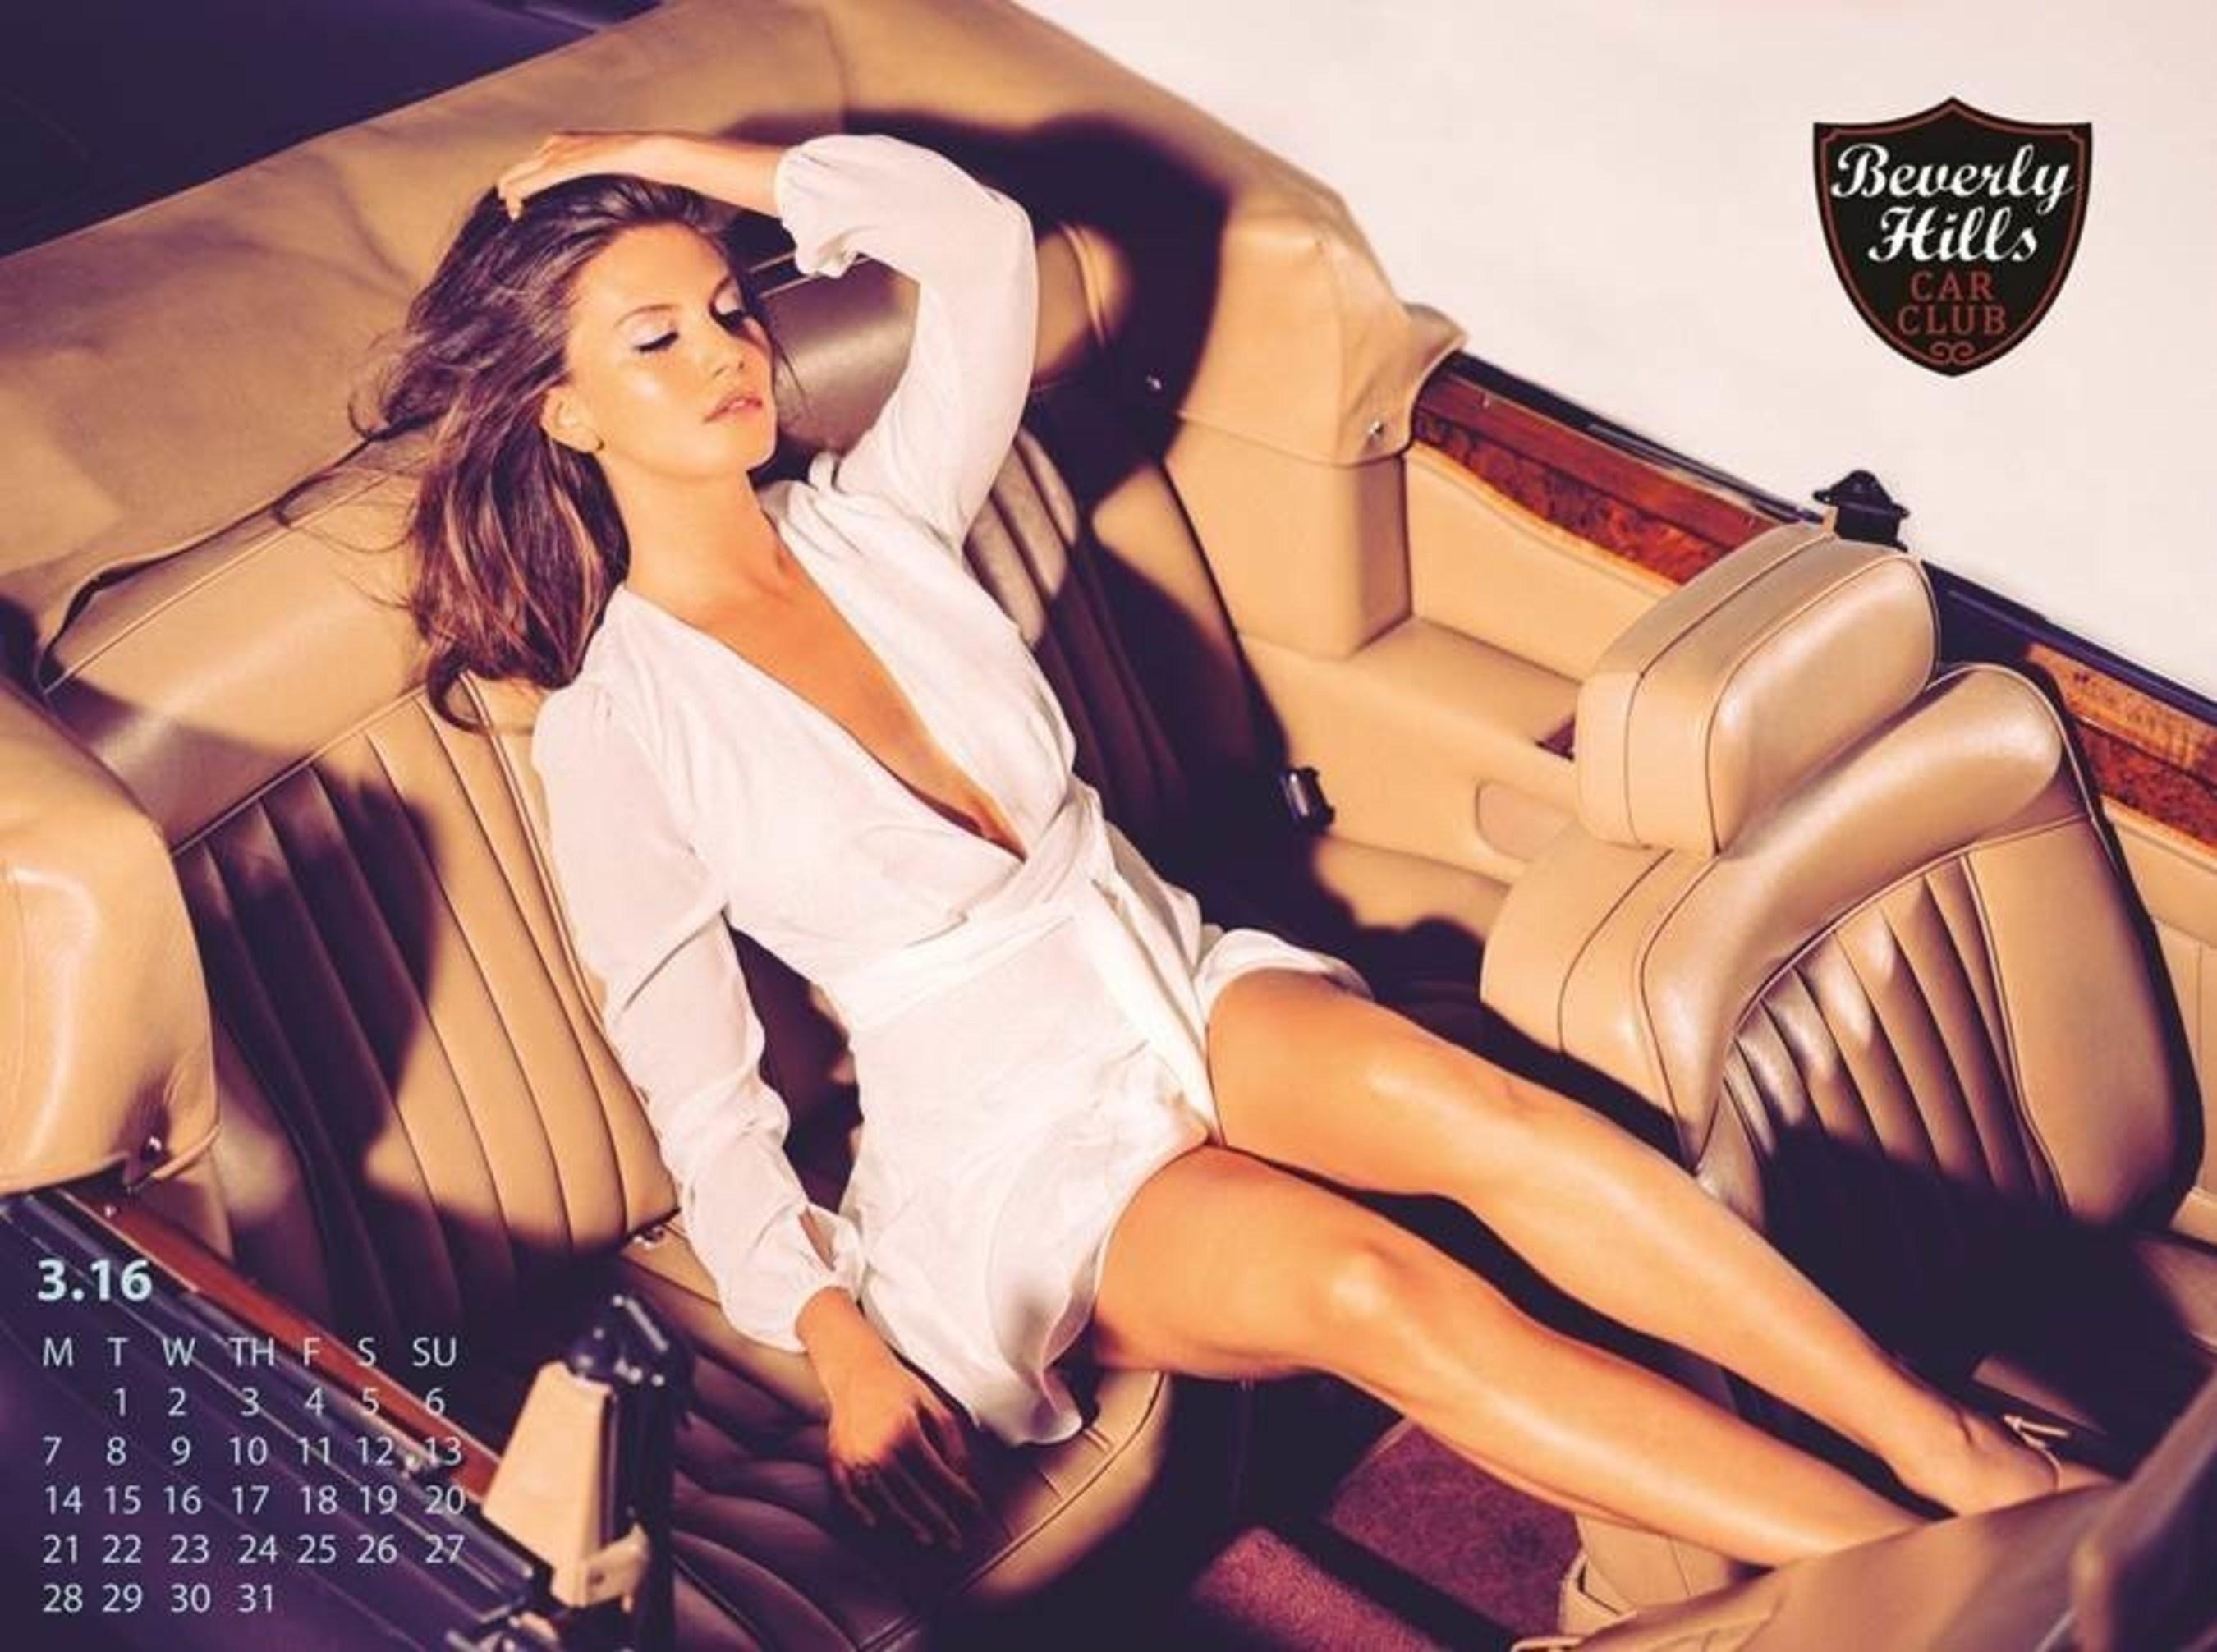 Beverly Hills Car Club March 2016 Calendar